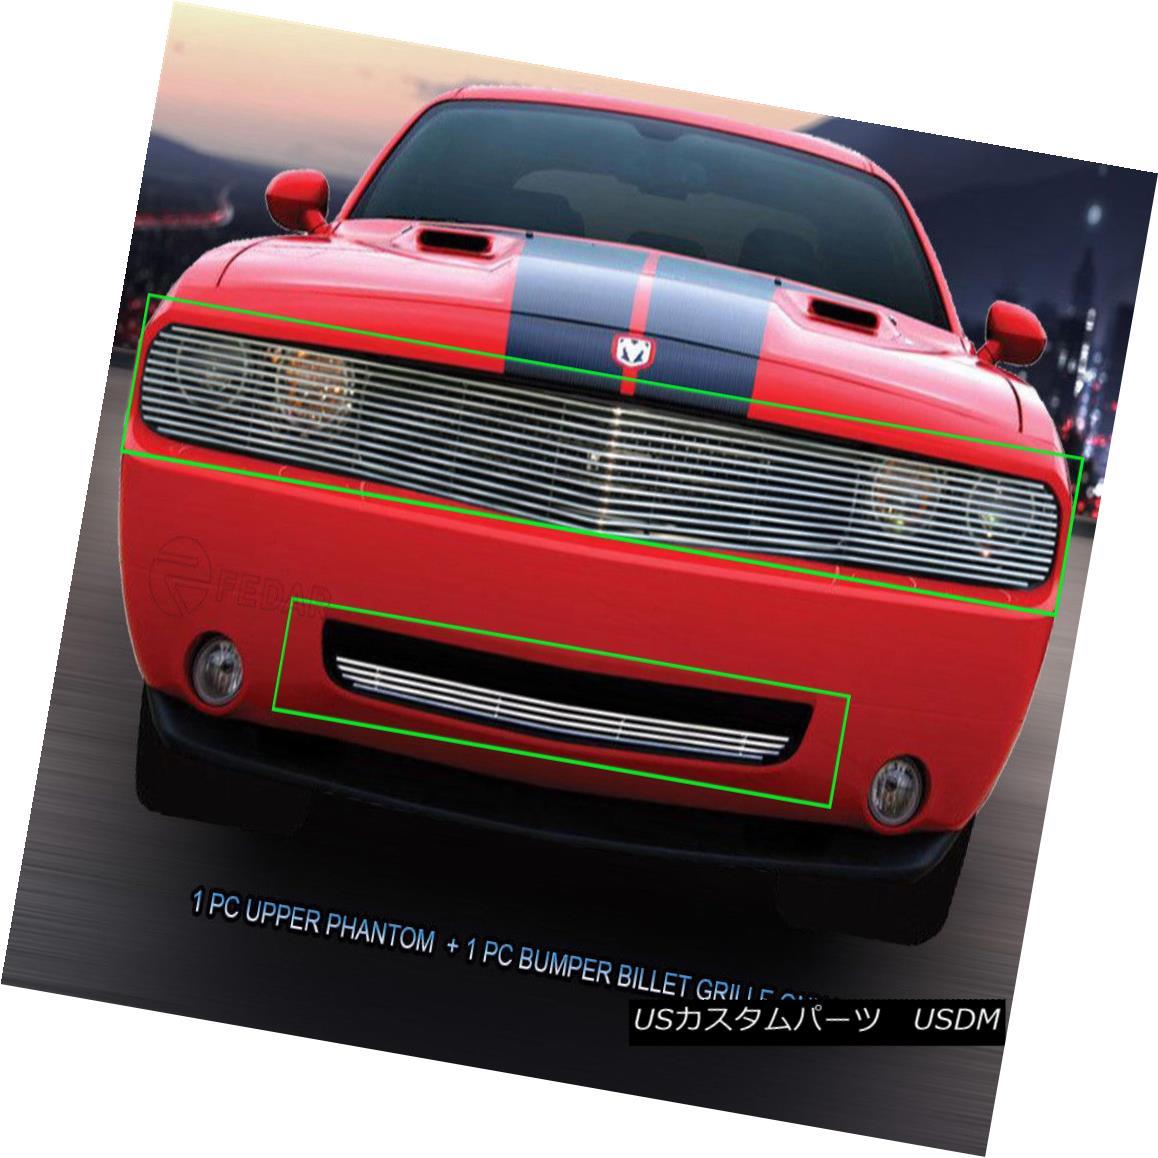 グリル 09-10 Dodge Challenger Billet Grille Combo Grill Insert 09-10ダッジチャレンジャービレットグリルコンボグリルインサート